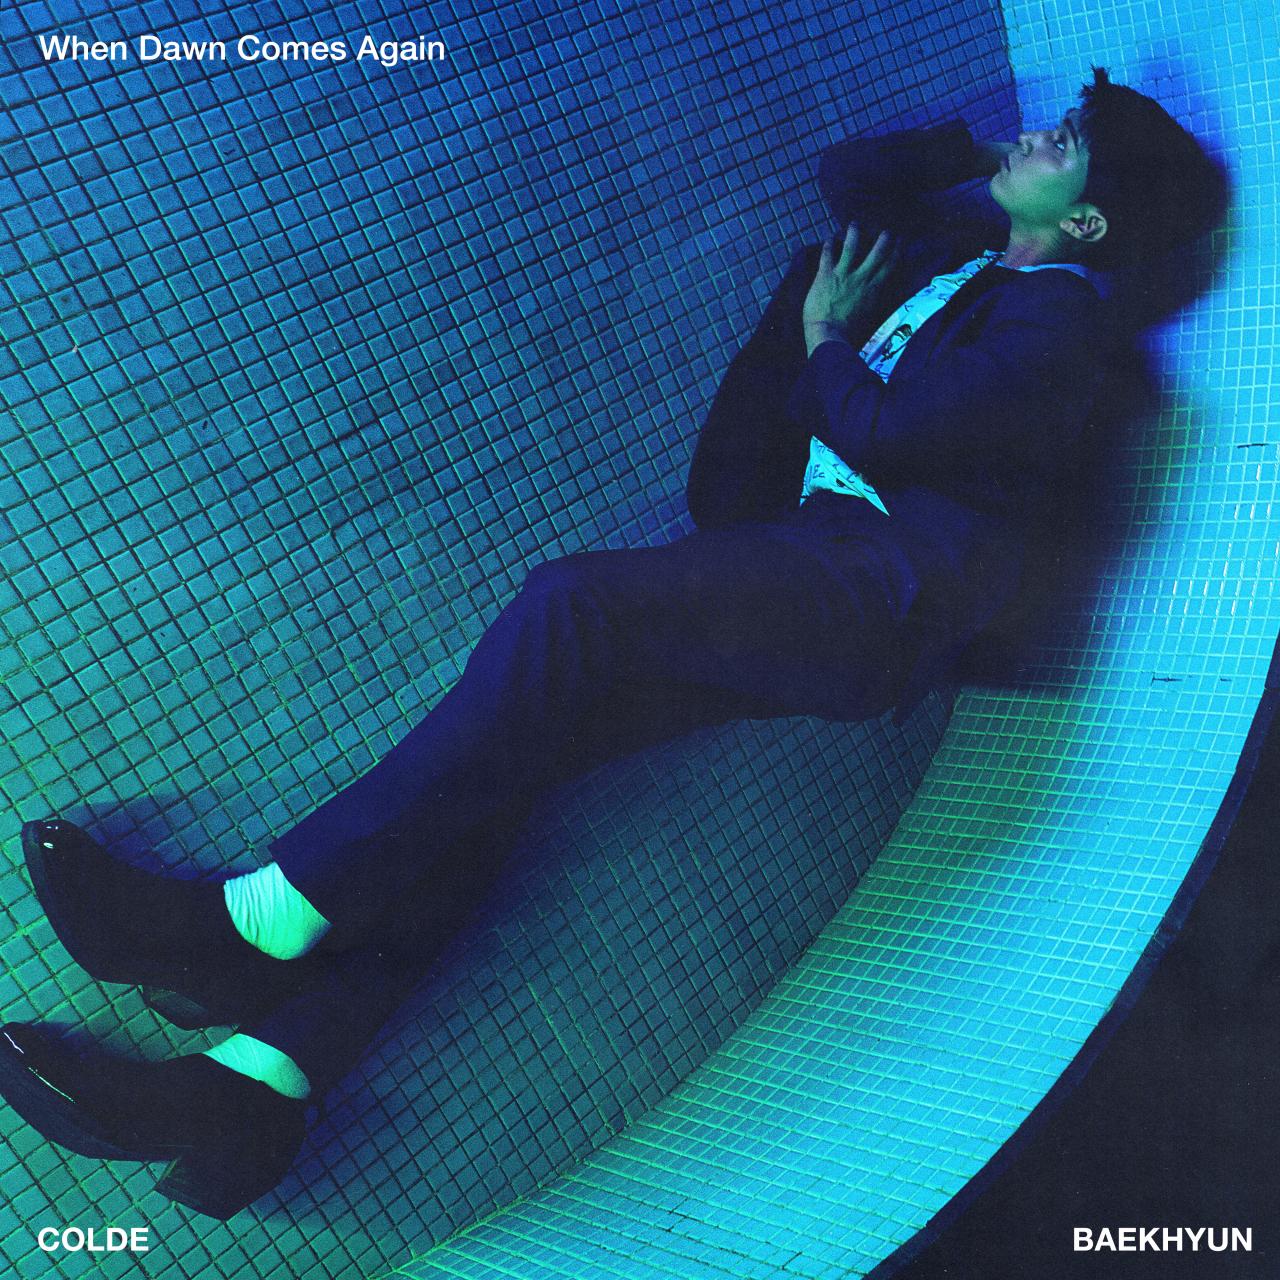 Album cover image of